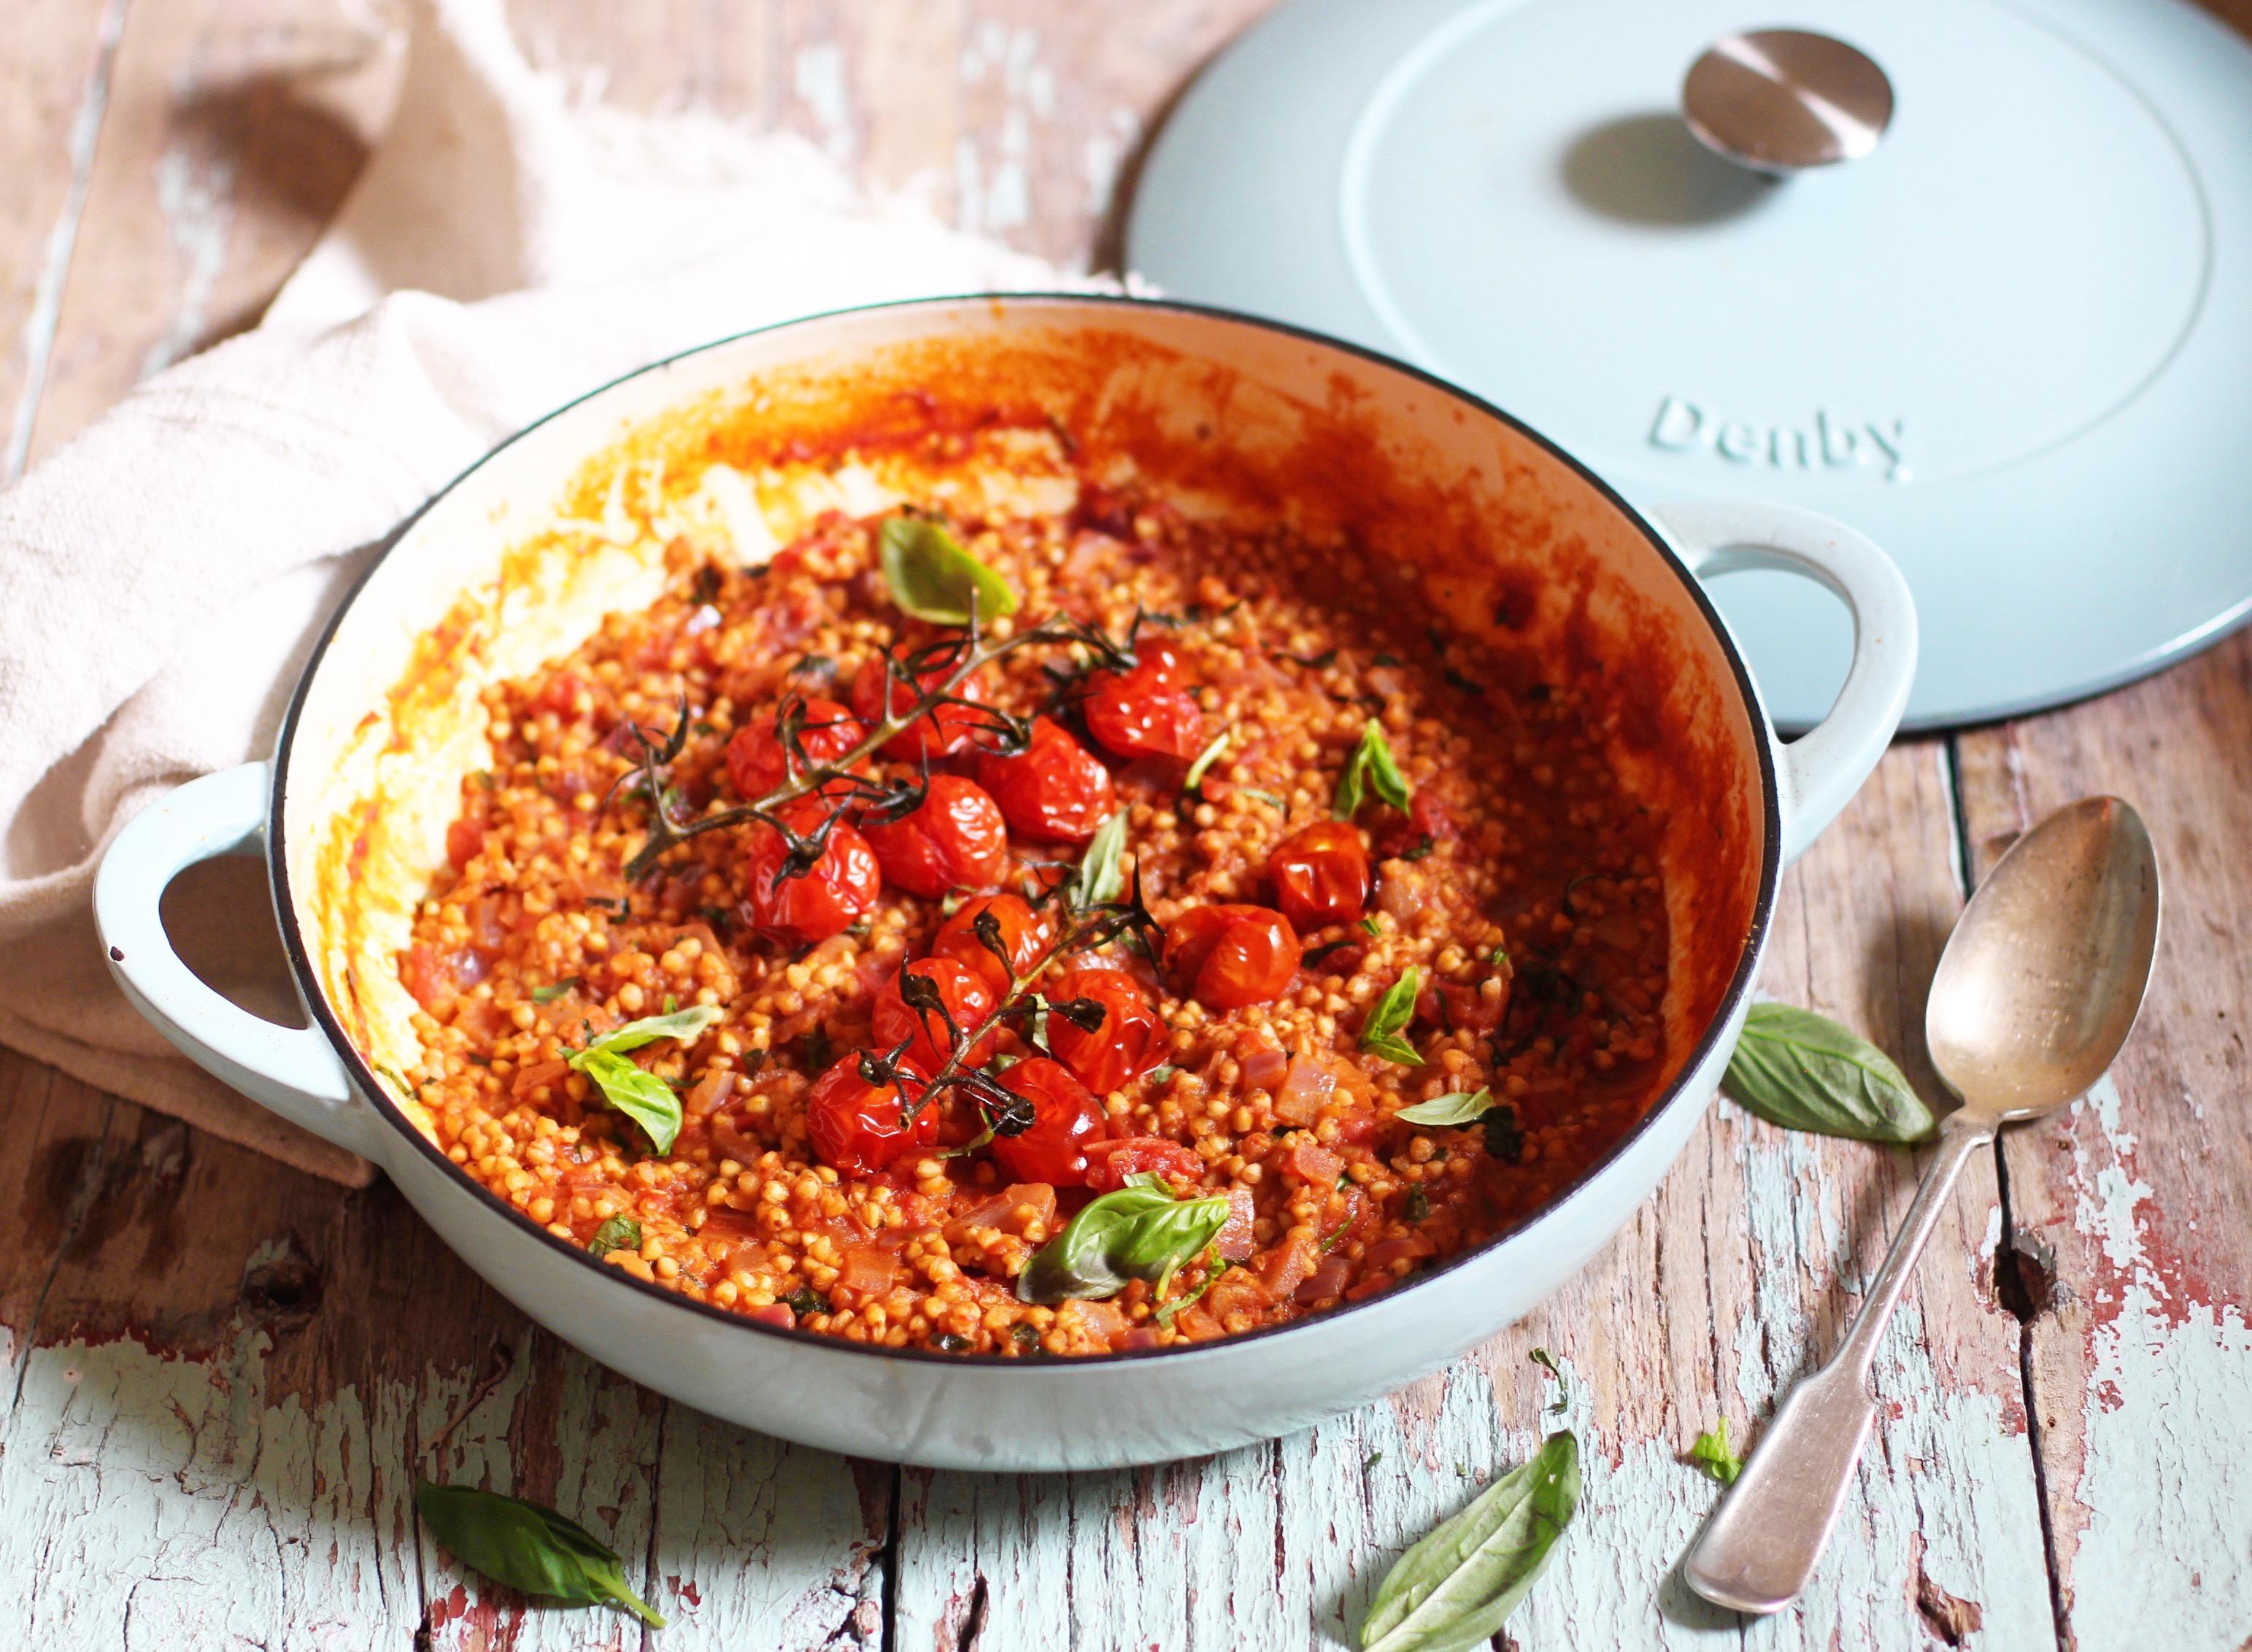 Tomato Basil Buckwheat Risotto Denby 2